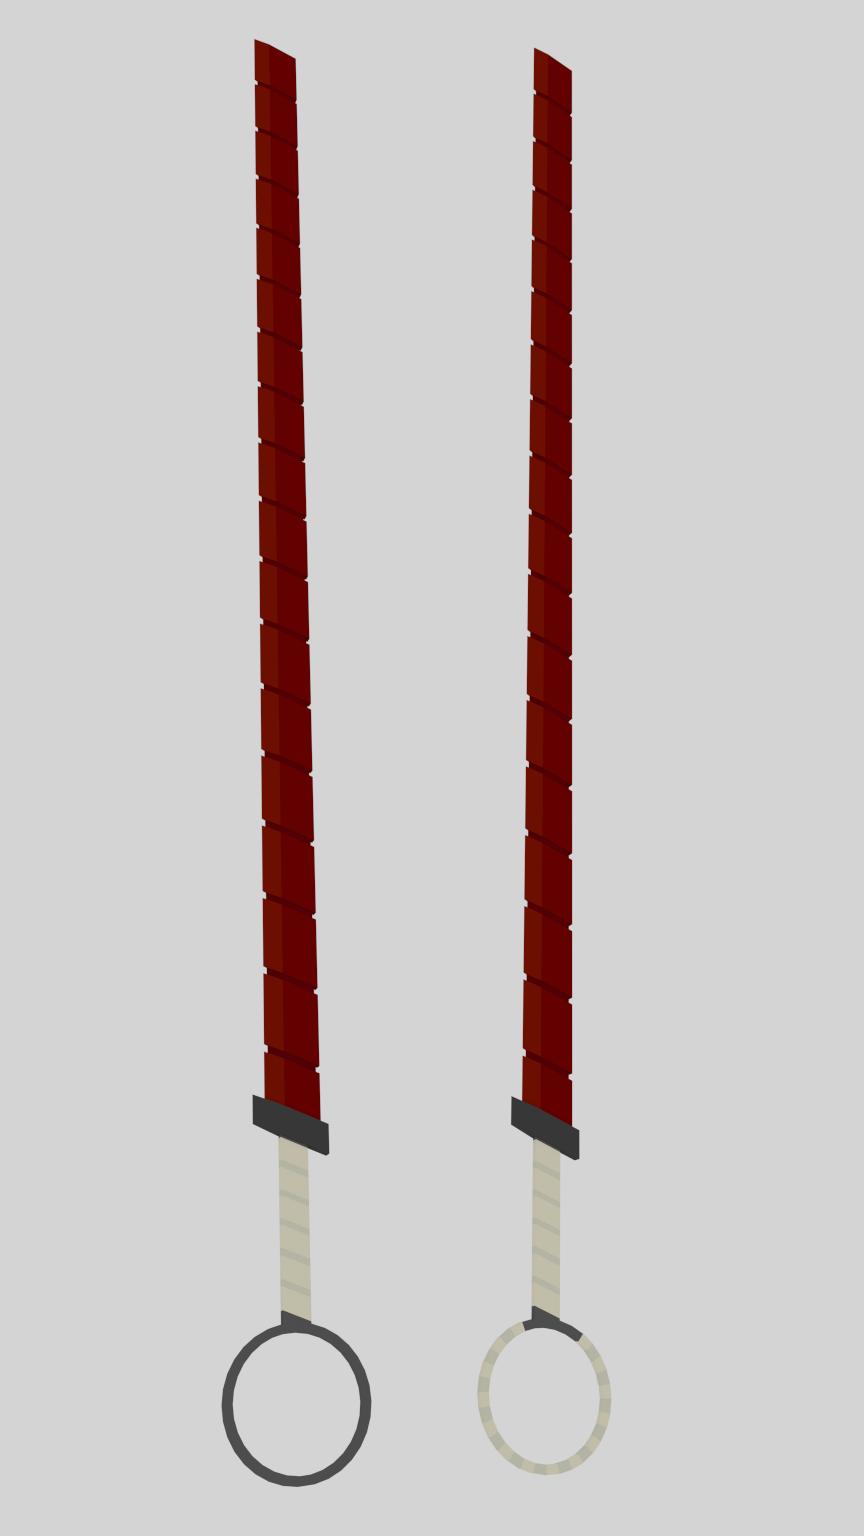 F.A.T's swords